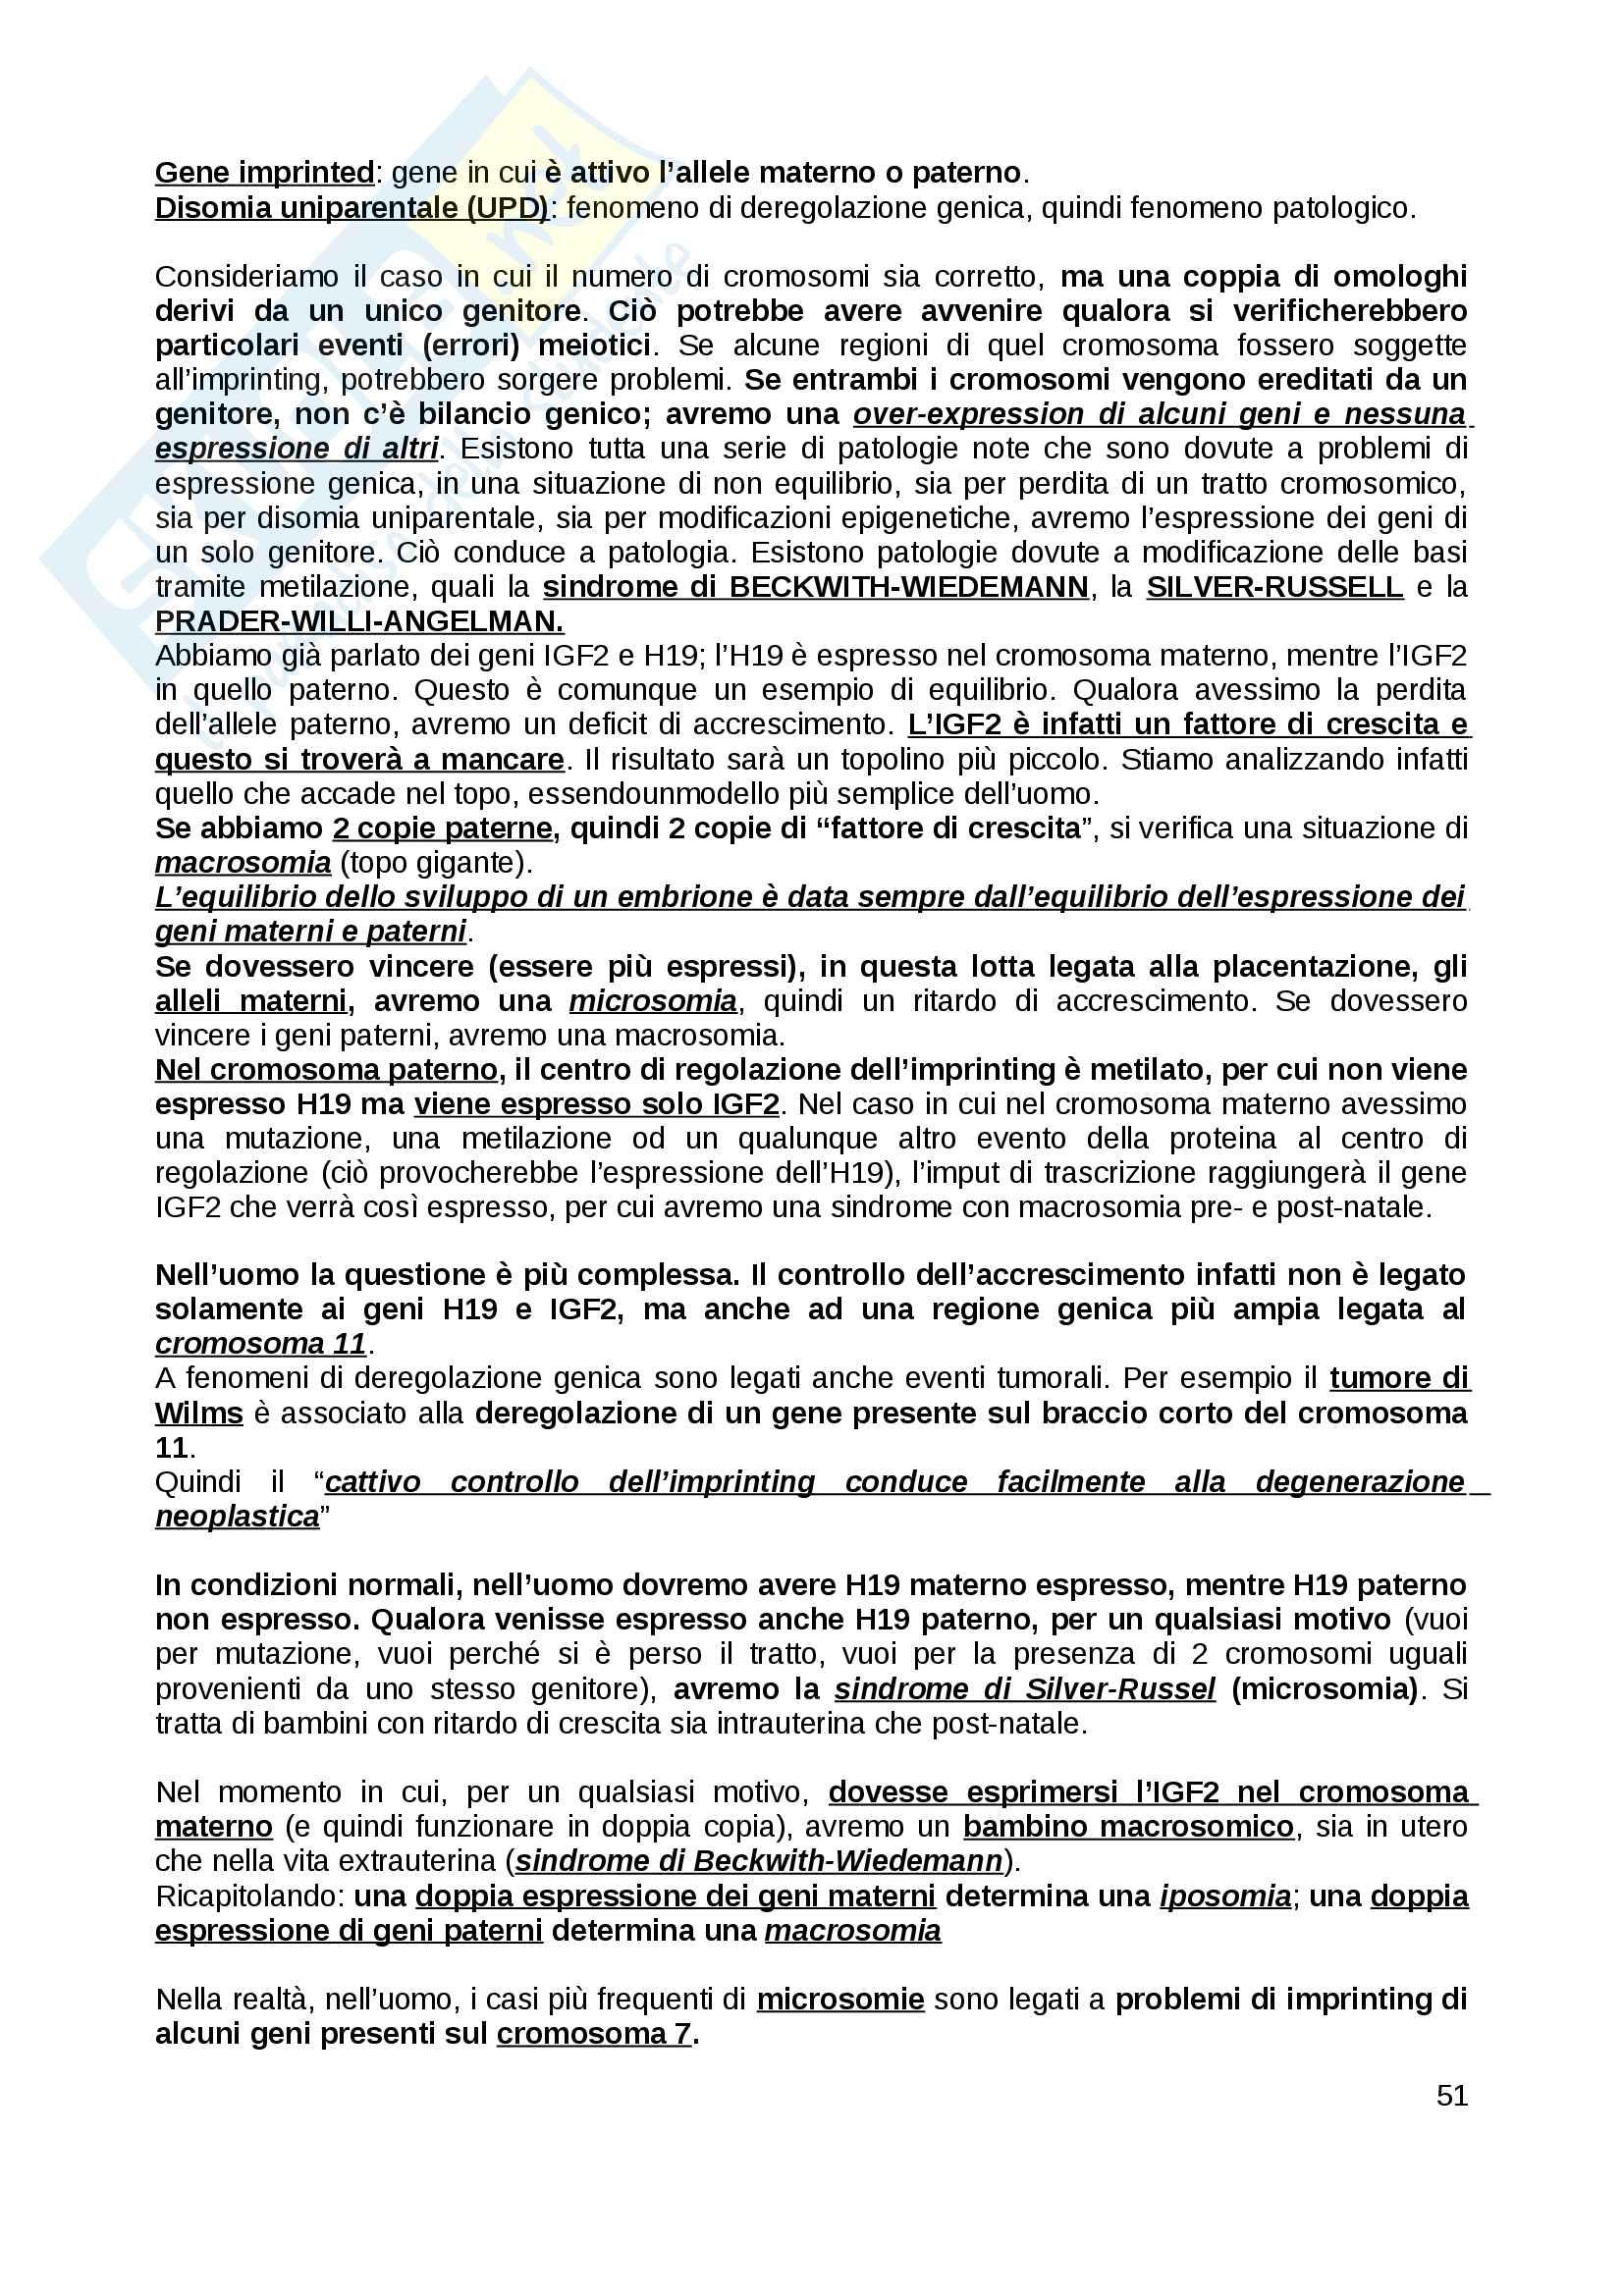 Genetica medica Pag. 51